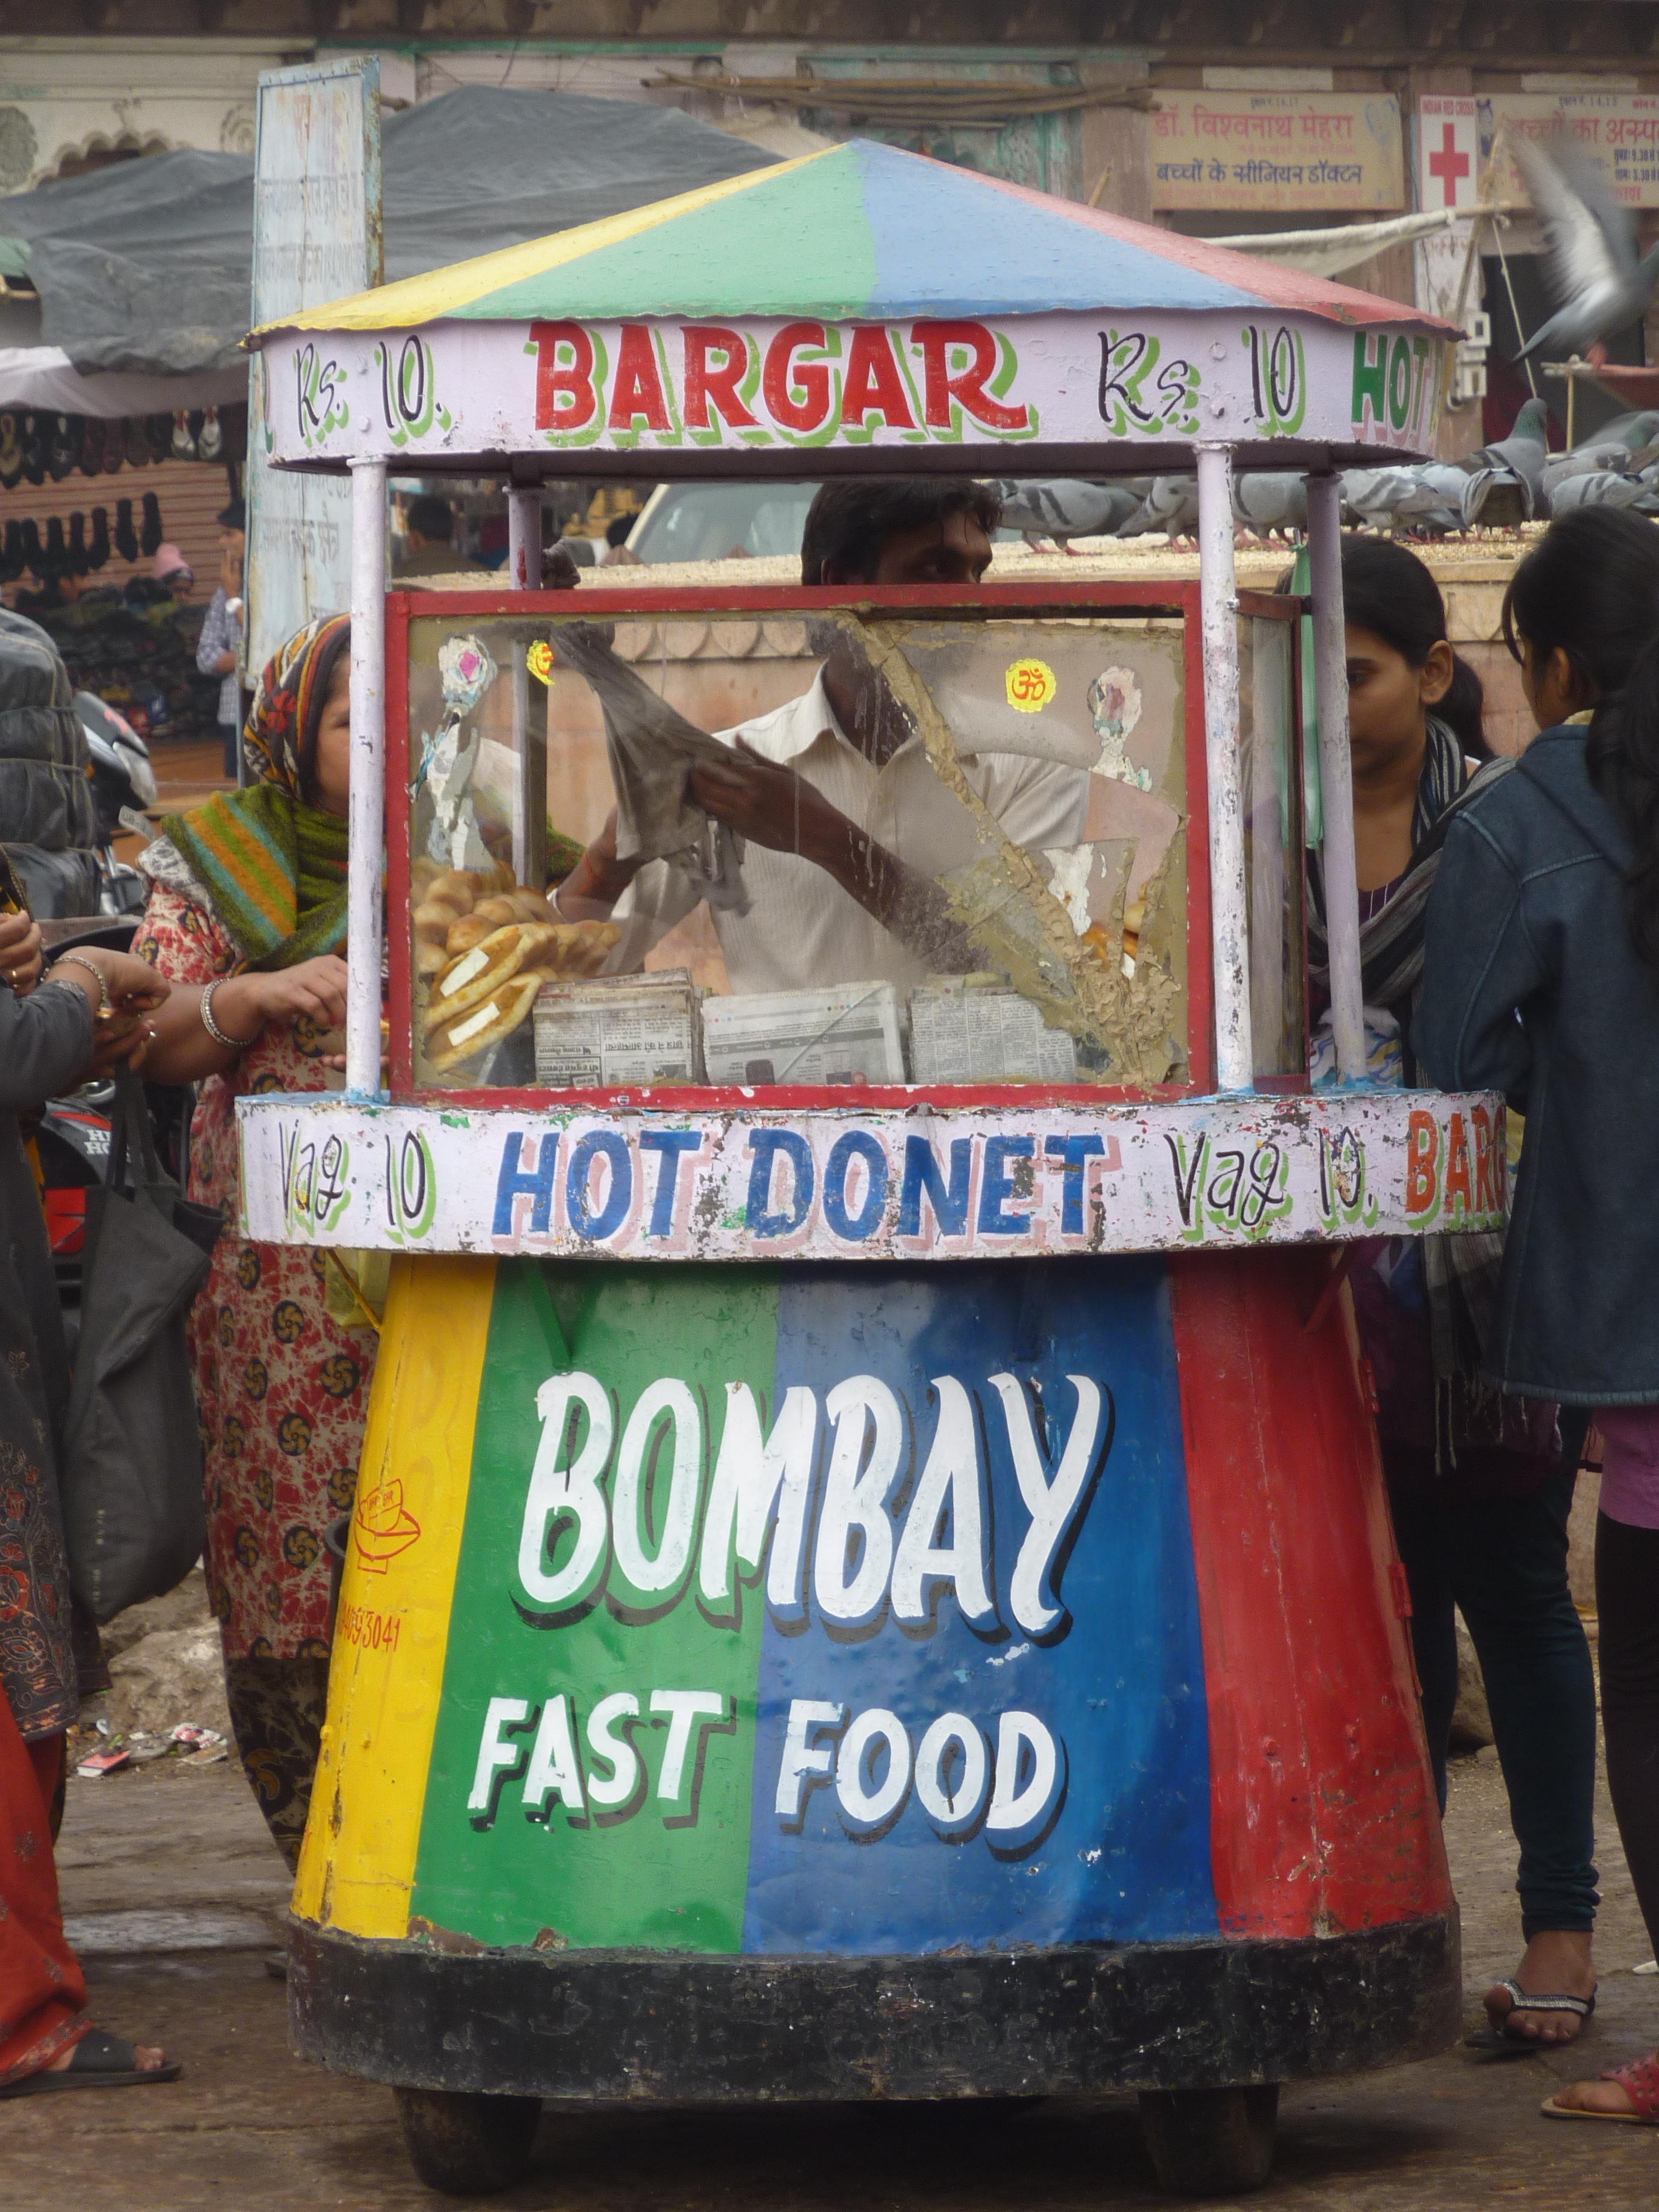 Bombay Bargar